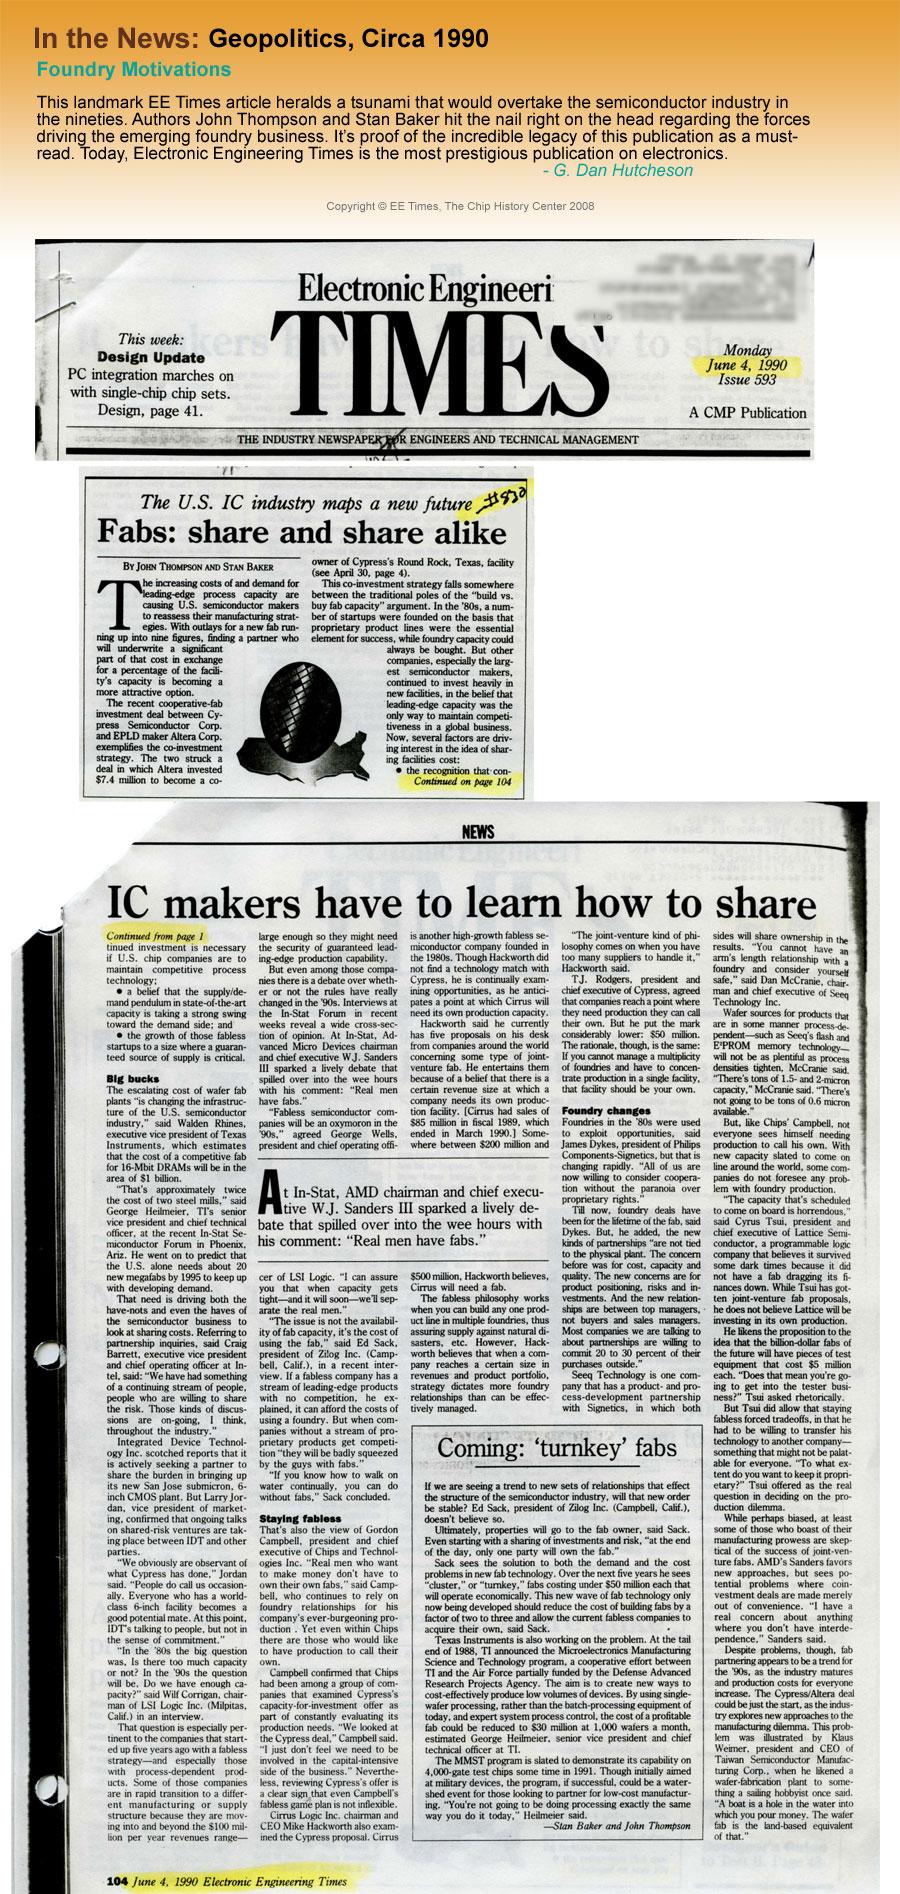 In the News: Geopolitics, Circa 1990